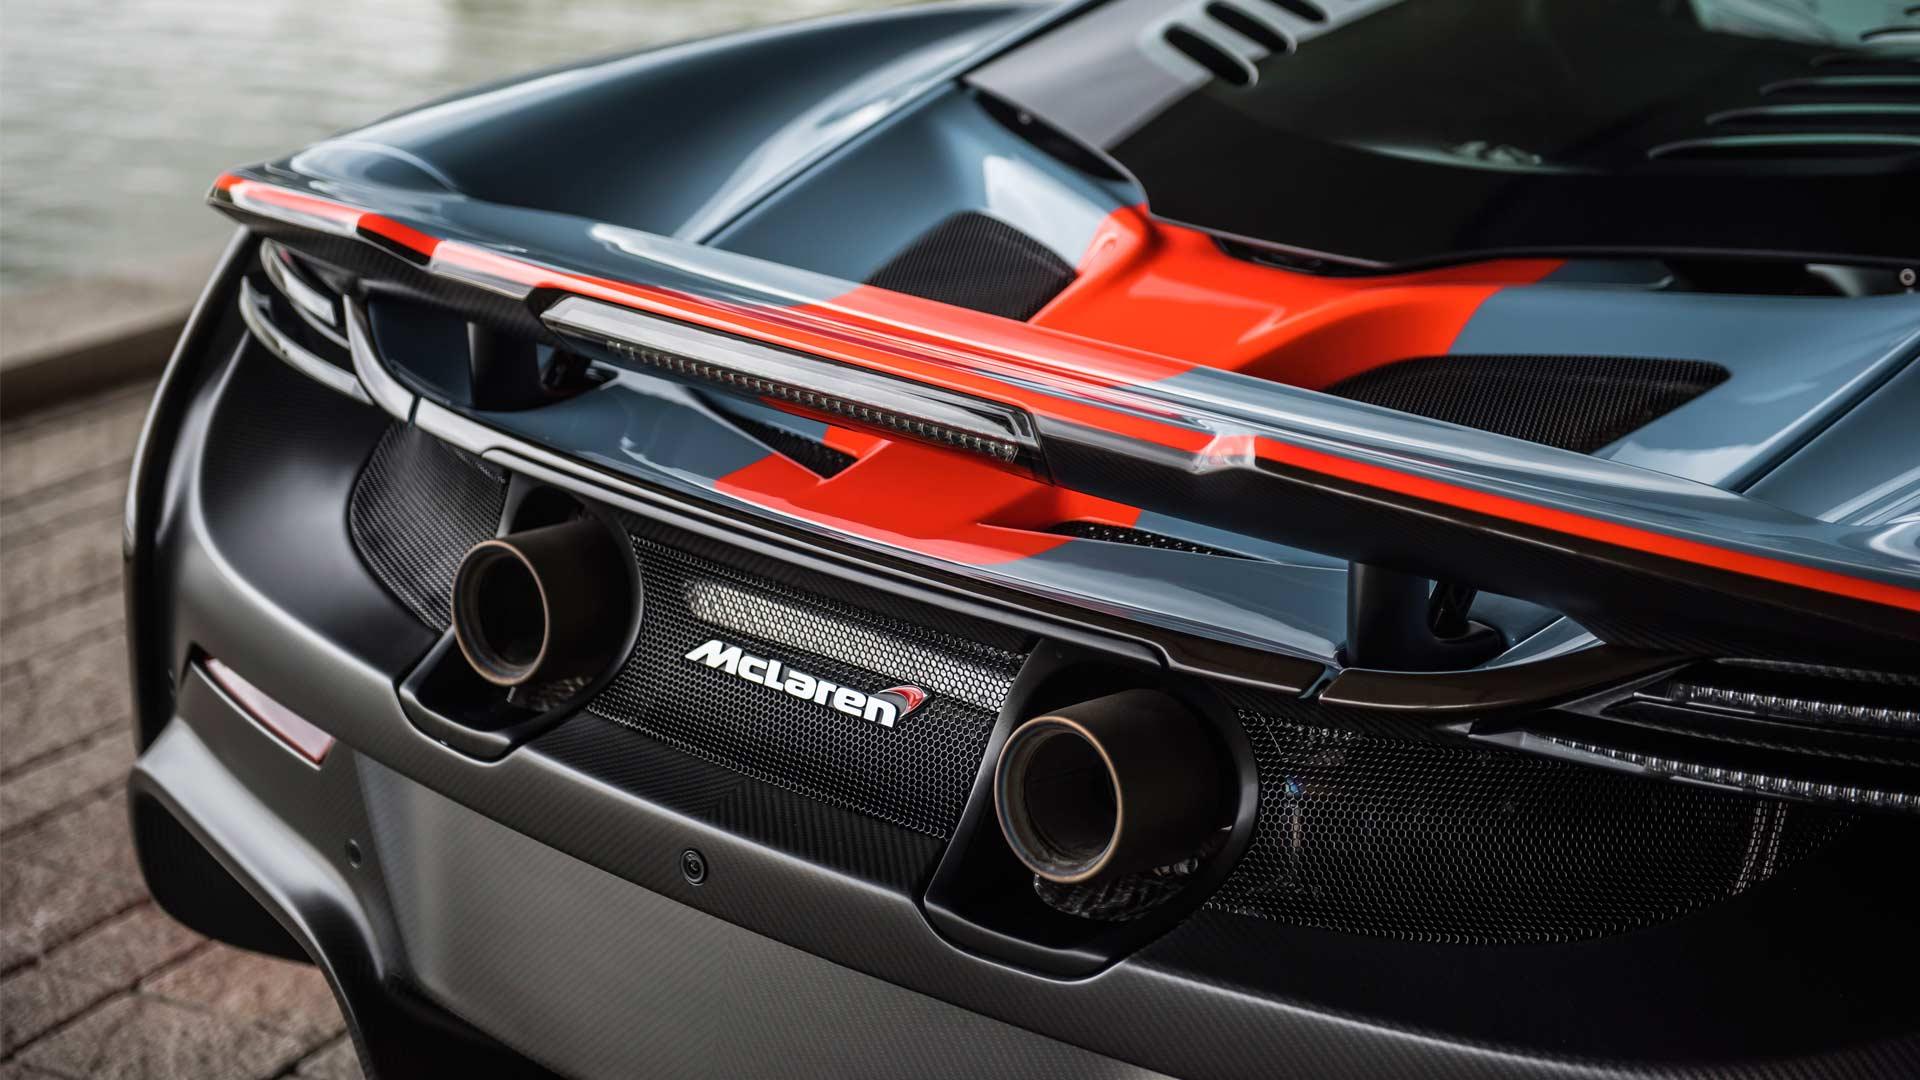 McLaren 675LT F1 GTR Longtail Gulf Racing livery_4